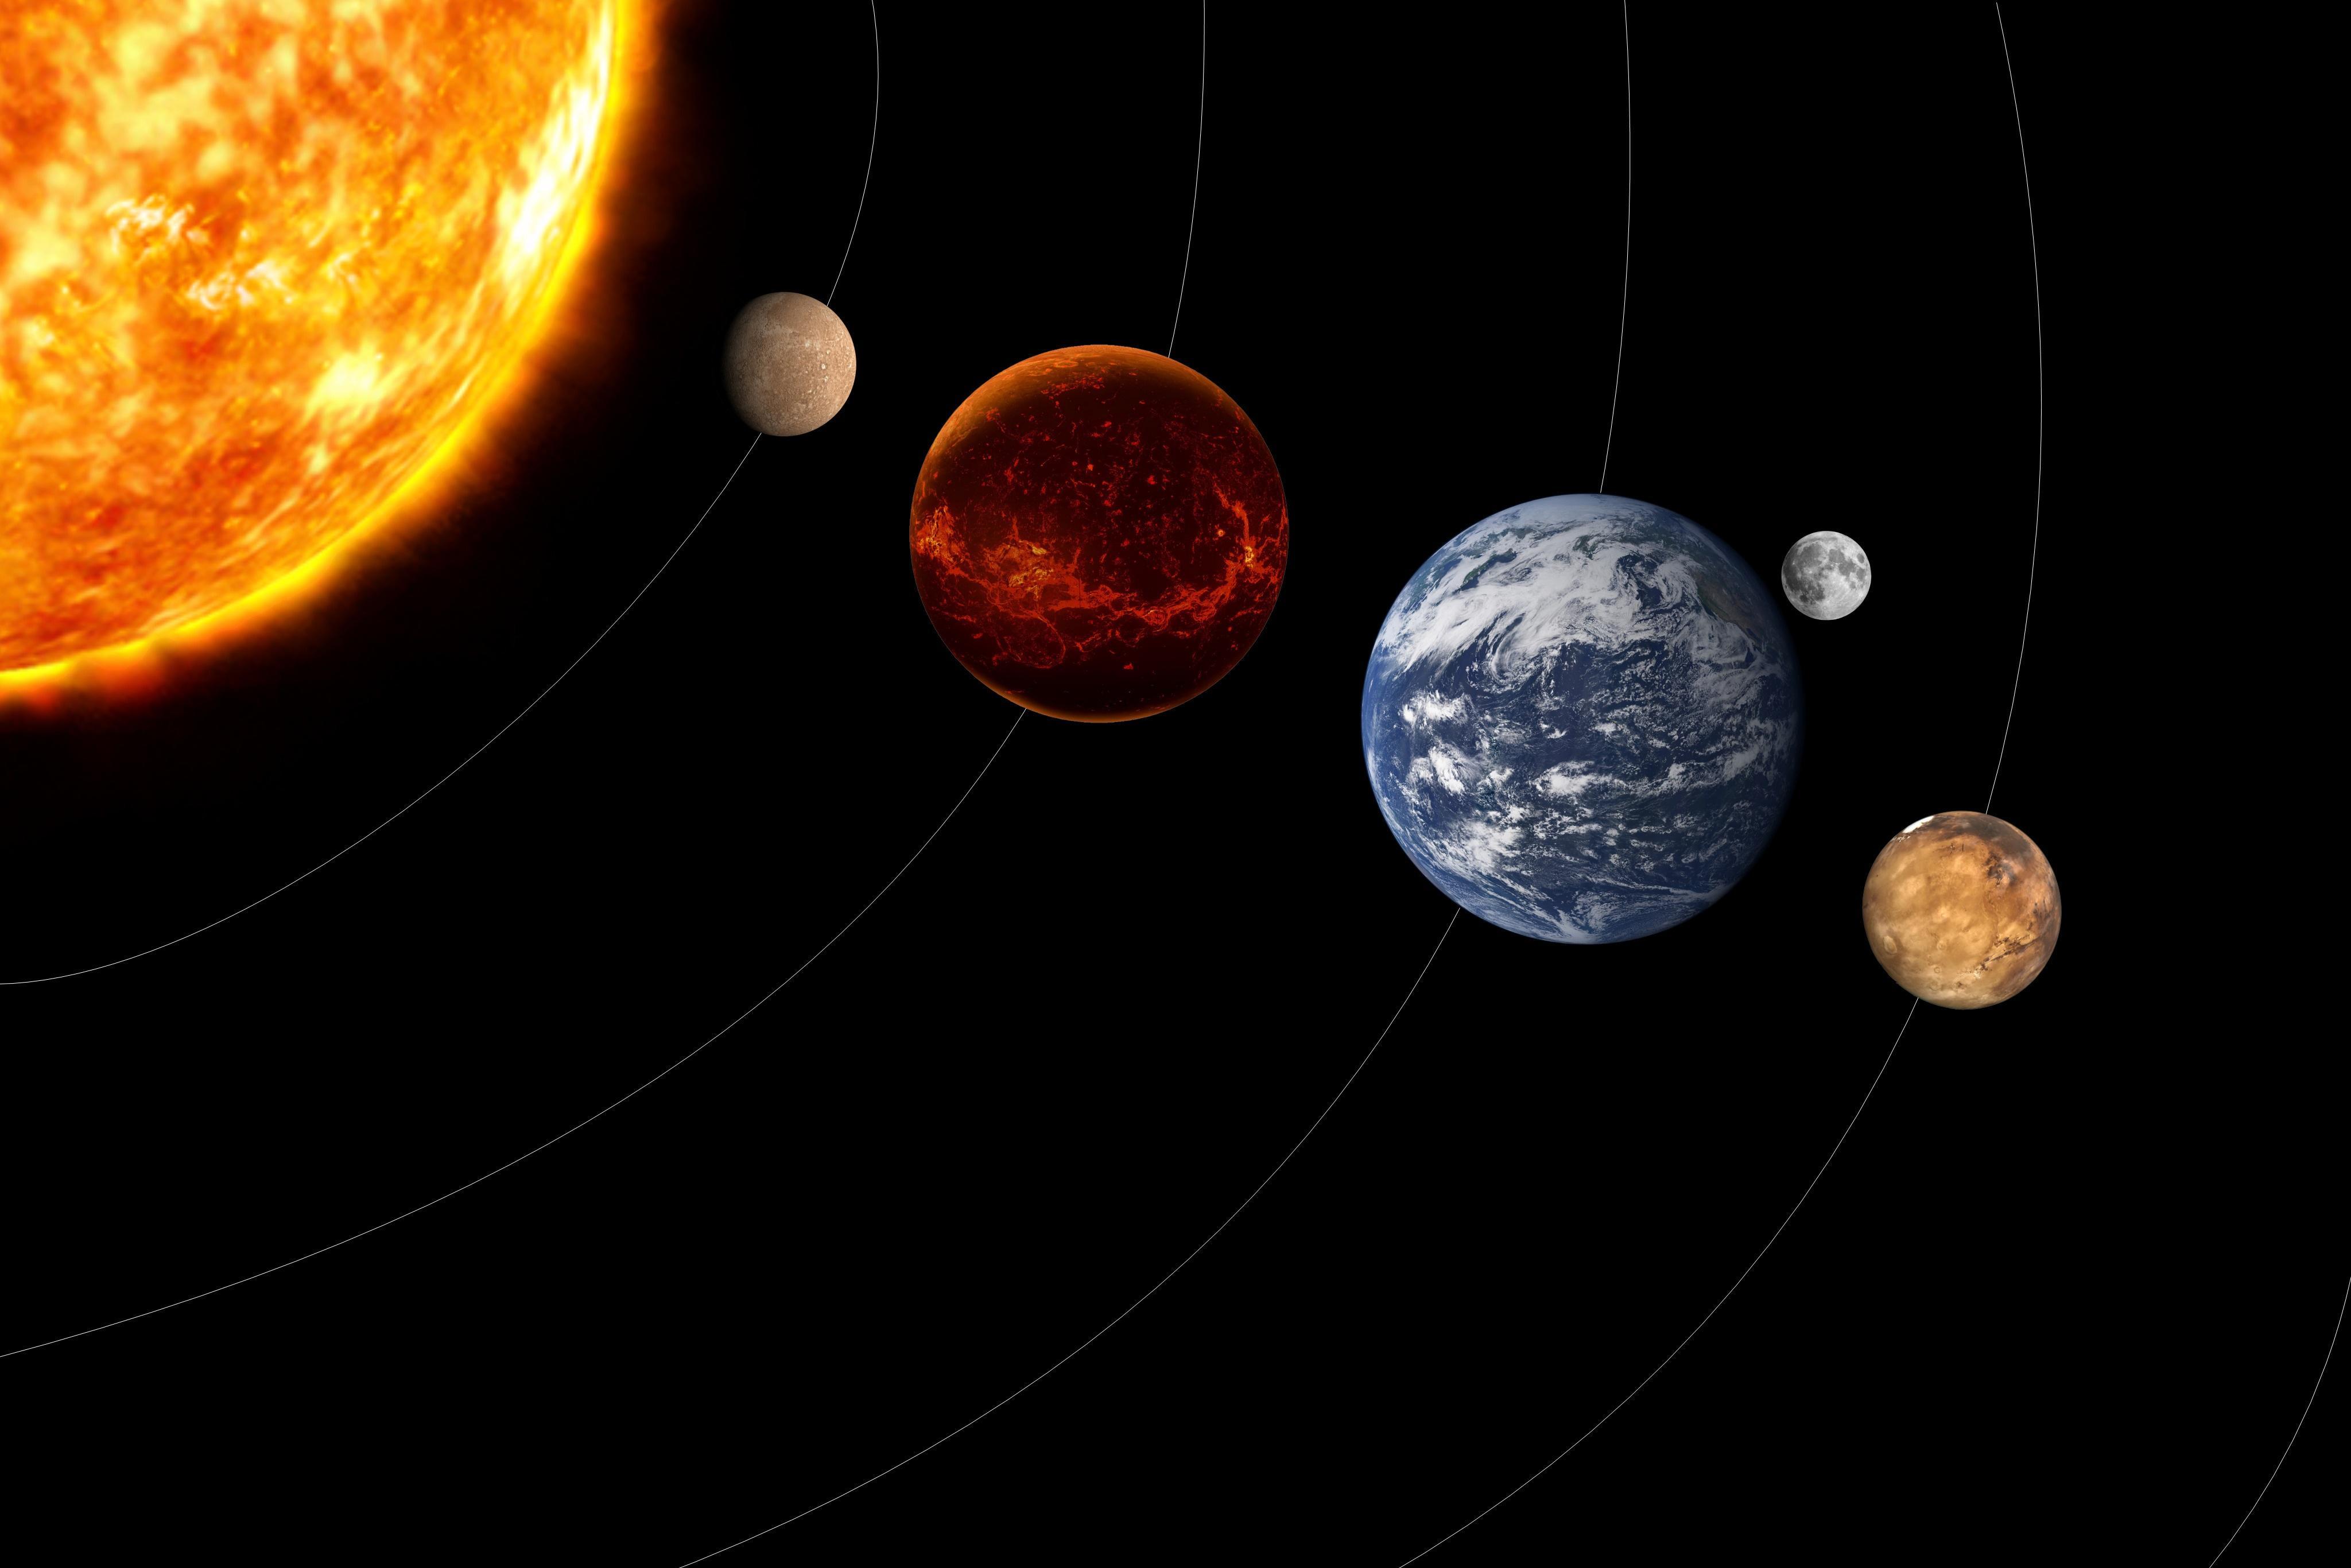 数値シミュレーションにより地球型惑星の形成を再現 水星・金星・地球・火星の軌道、質量と水の起源の解明への第一歩